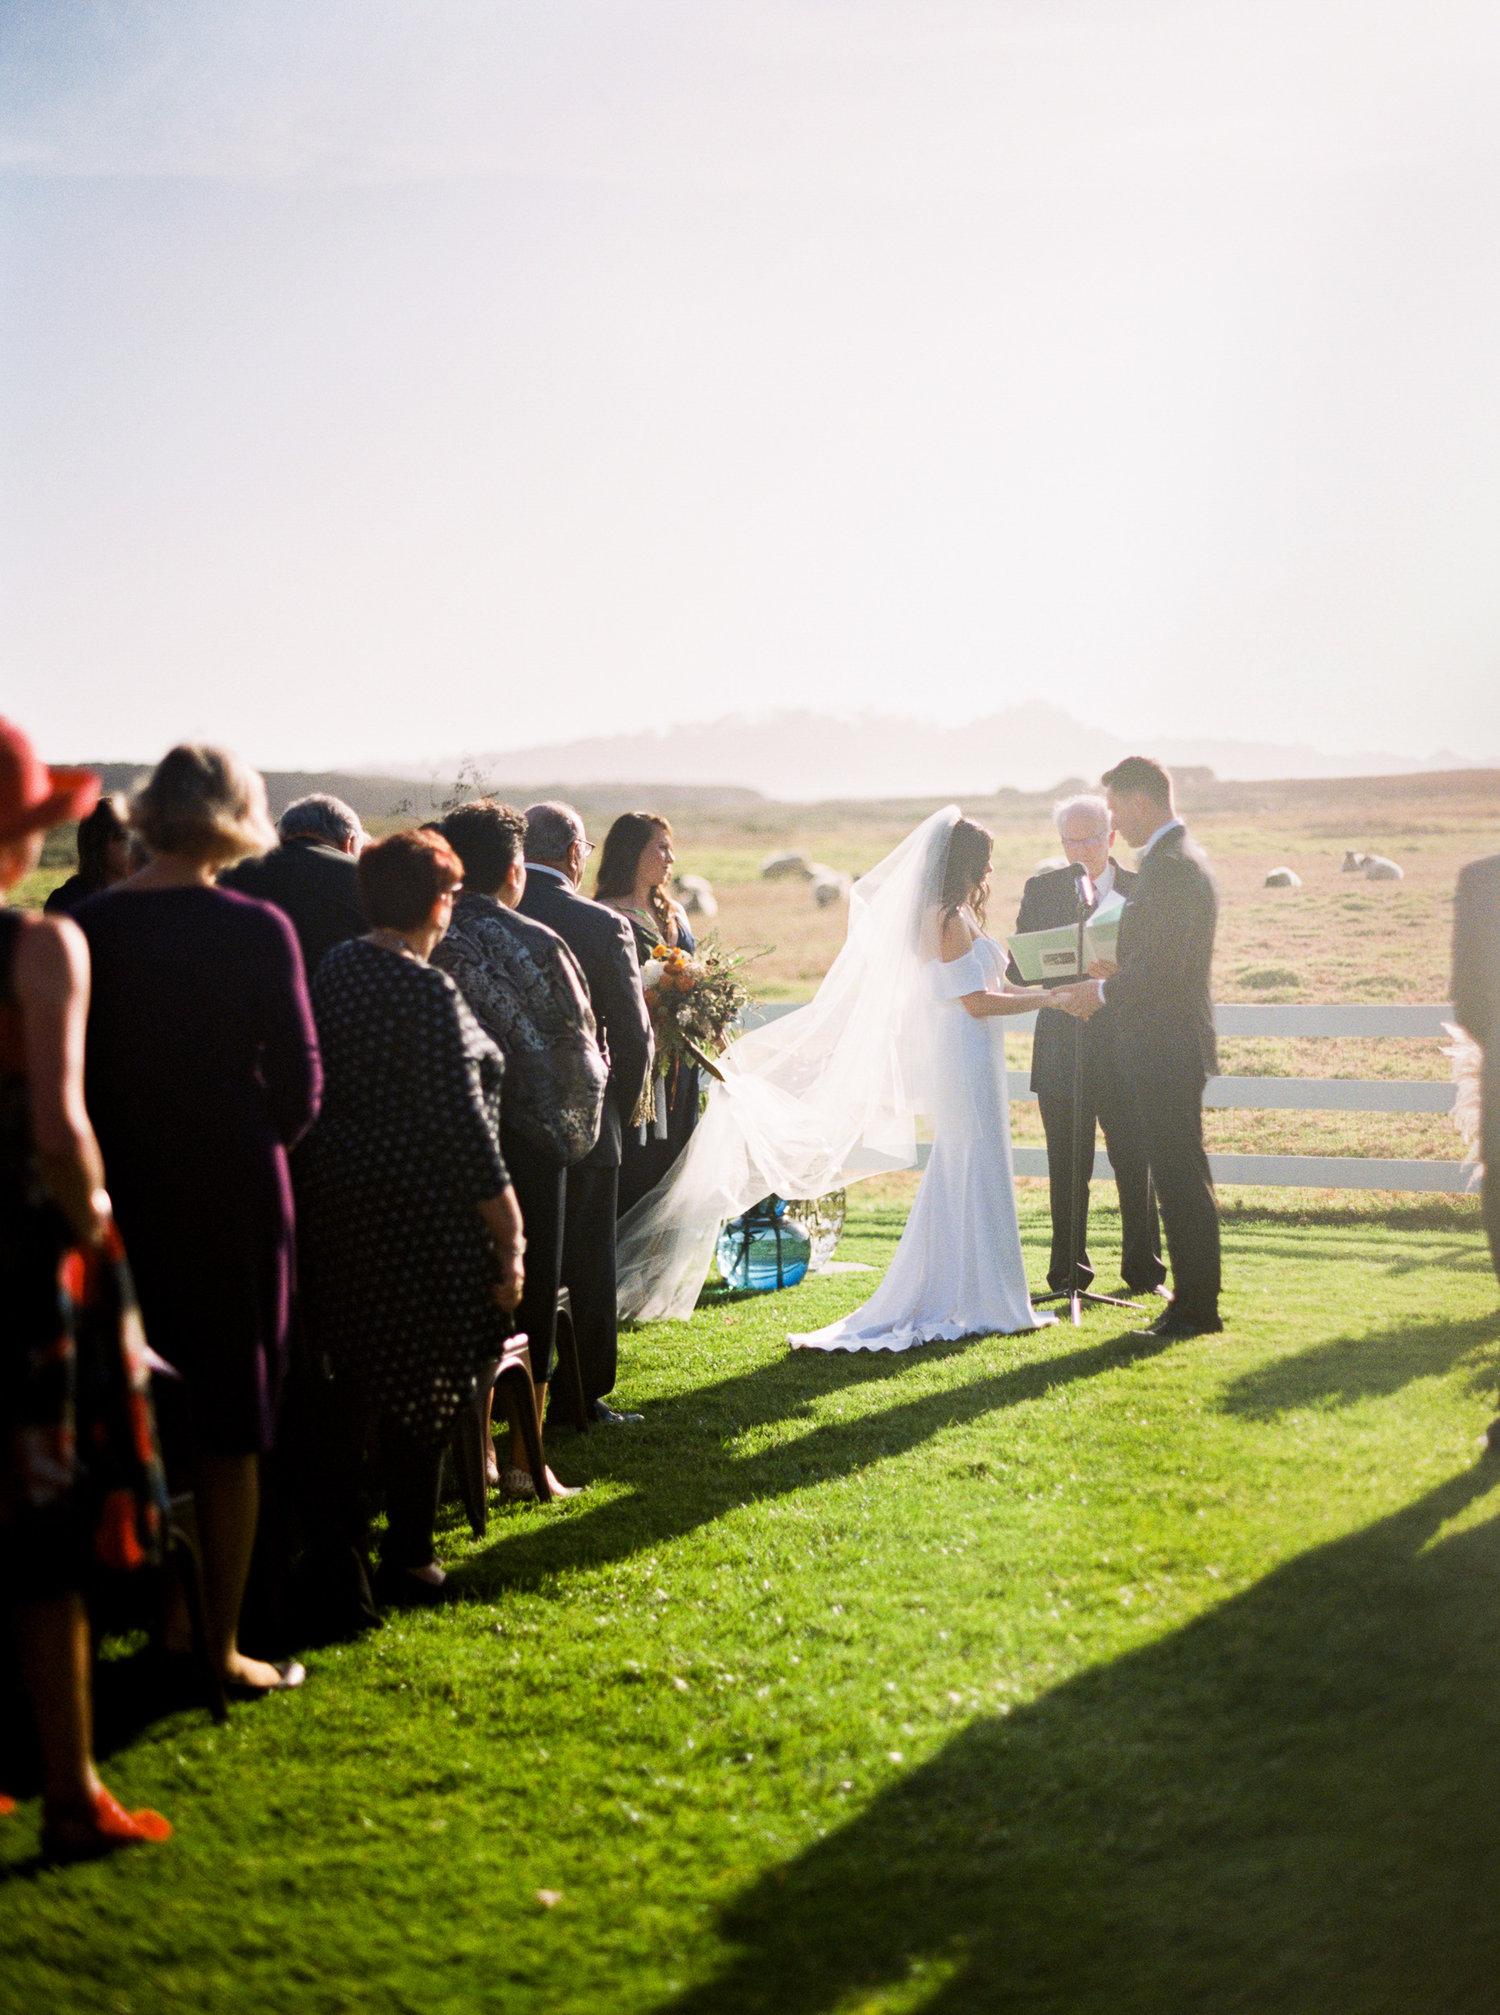 057carmel_california_destination_wedding_photography_wedding_videography_mission_ranch.jpg